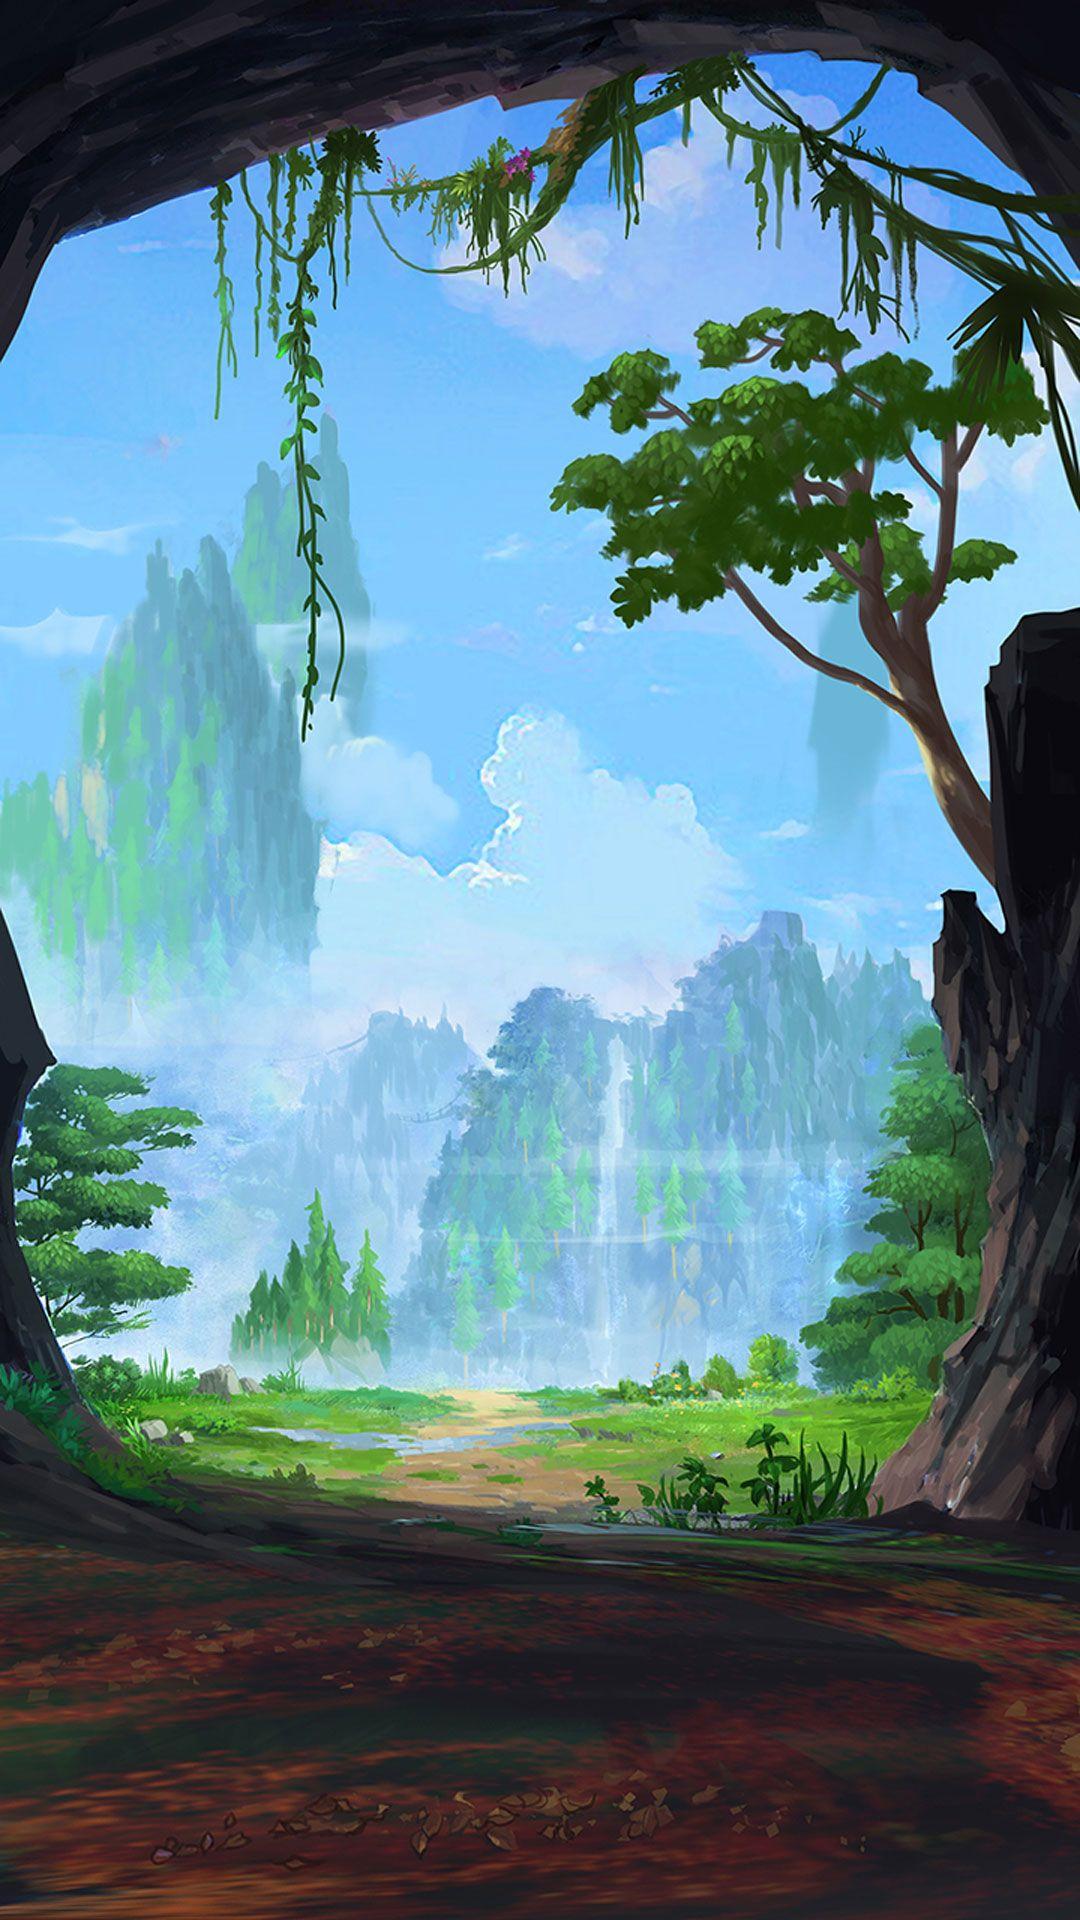 The Art Of Animation Fantasy Landscape Landscape Art Landscape Illustration